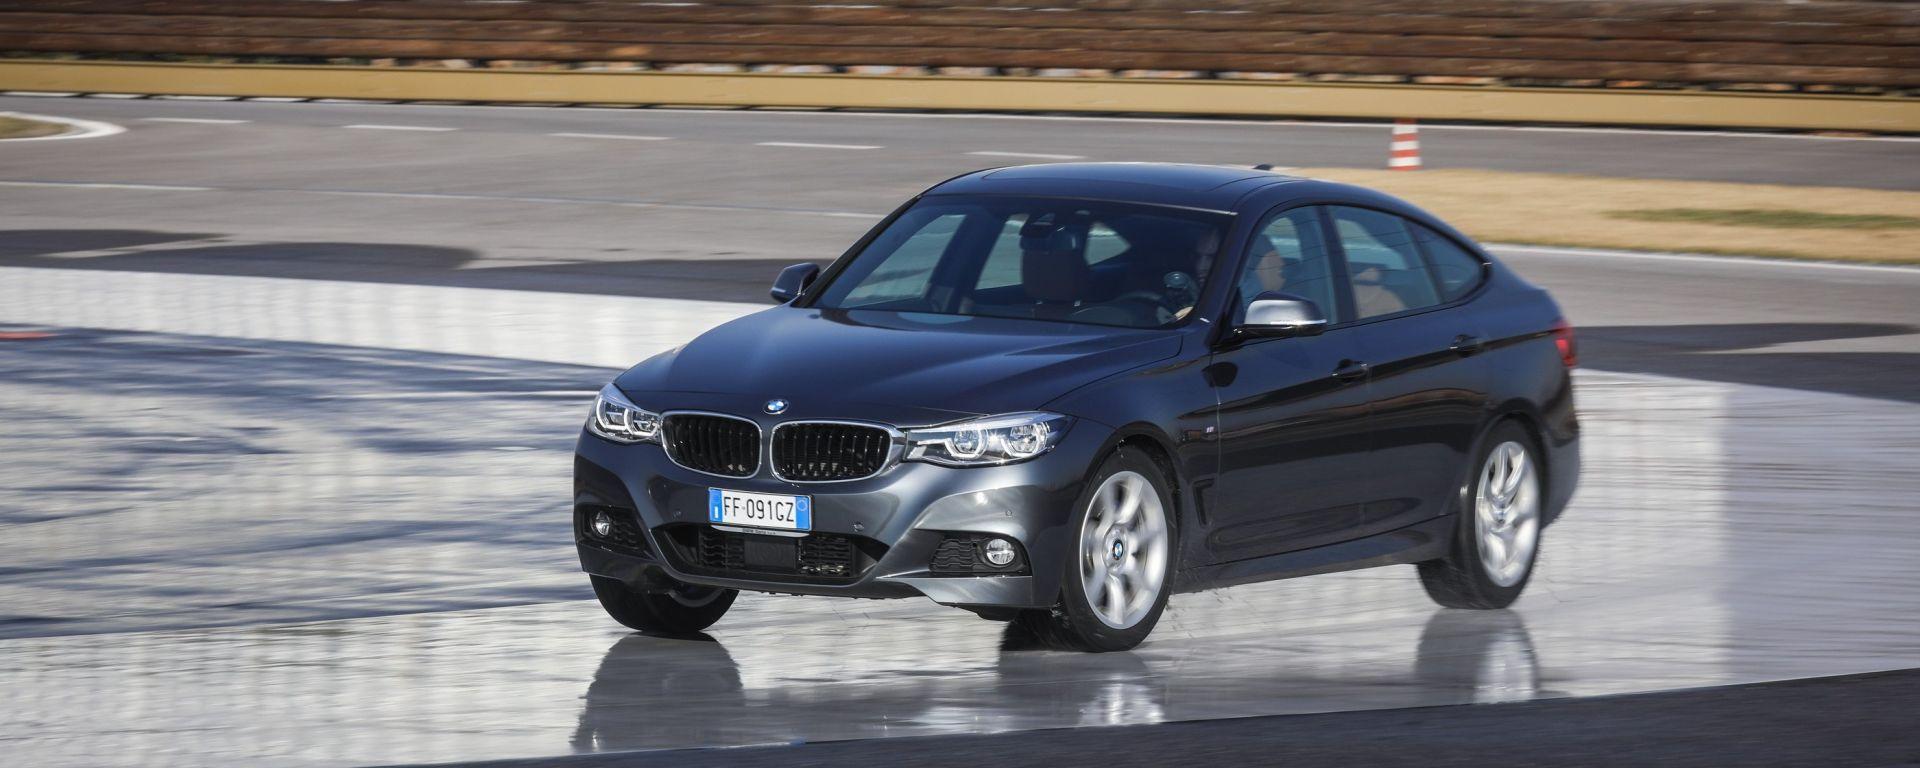 BMW 320d GT xDrive in prova sullo steering pad della pista ACI/SARA di Lainate (MI)